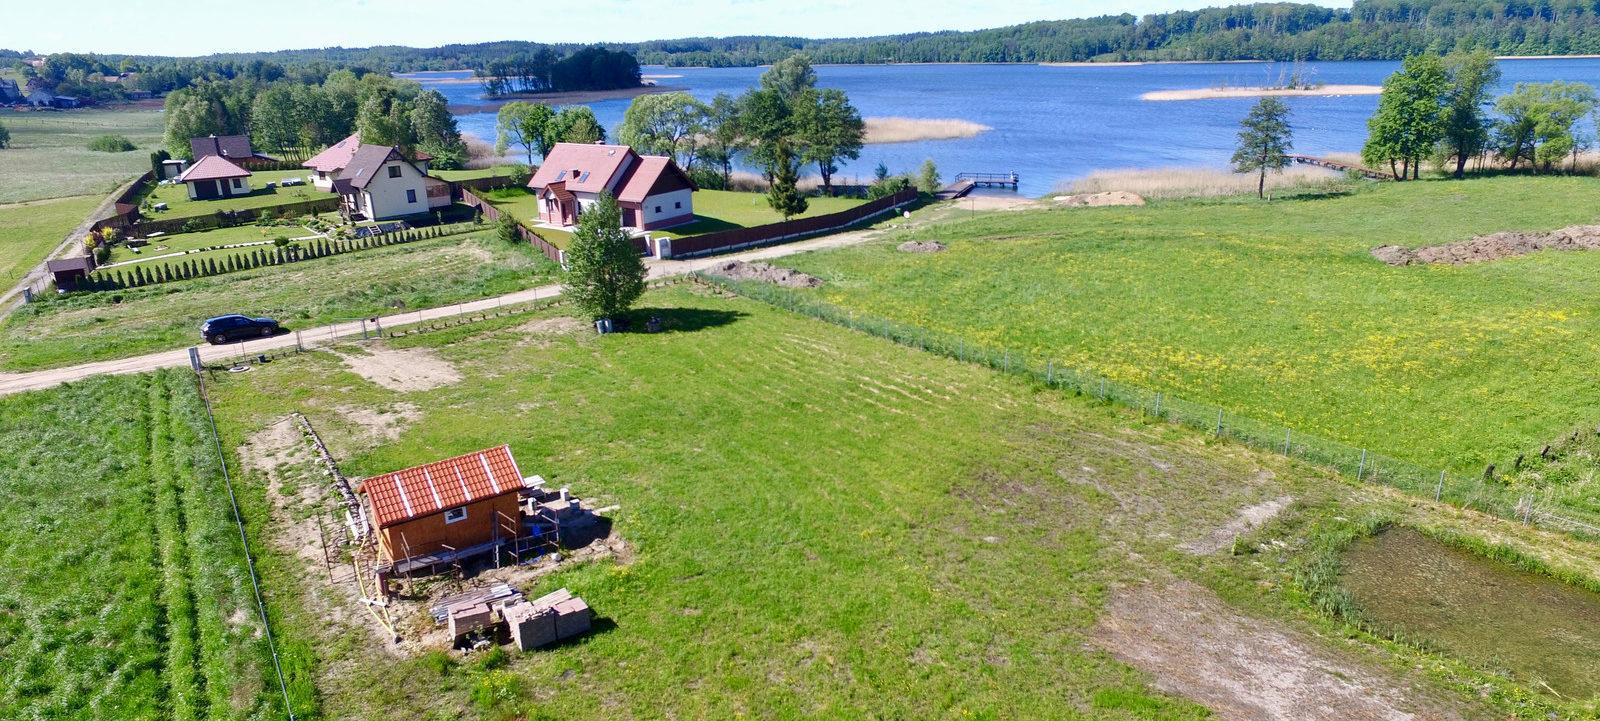 Zainwestuj w domki rekreacyjne nad jeziorem Narie | Domy na Warmii i Mazurach